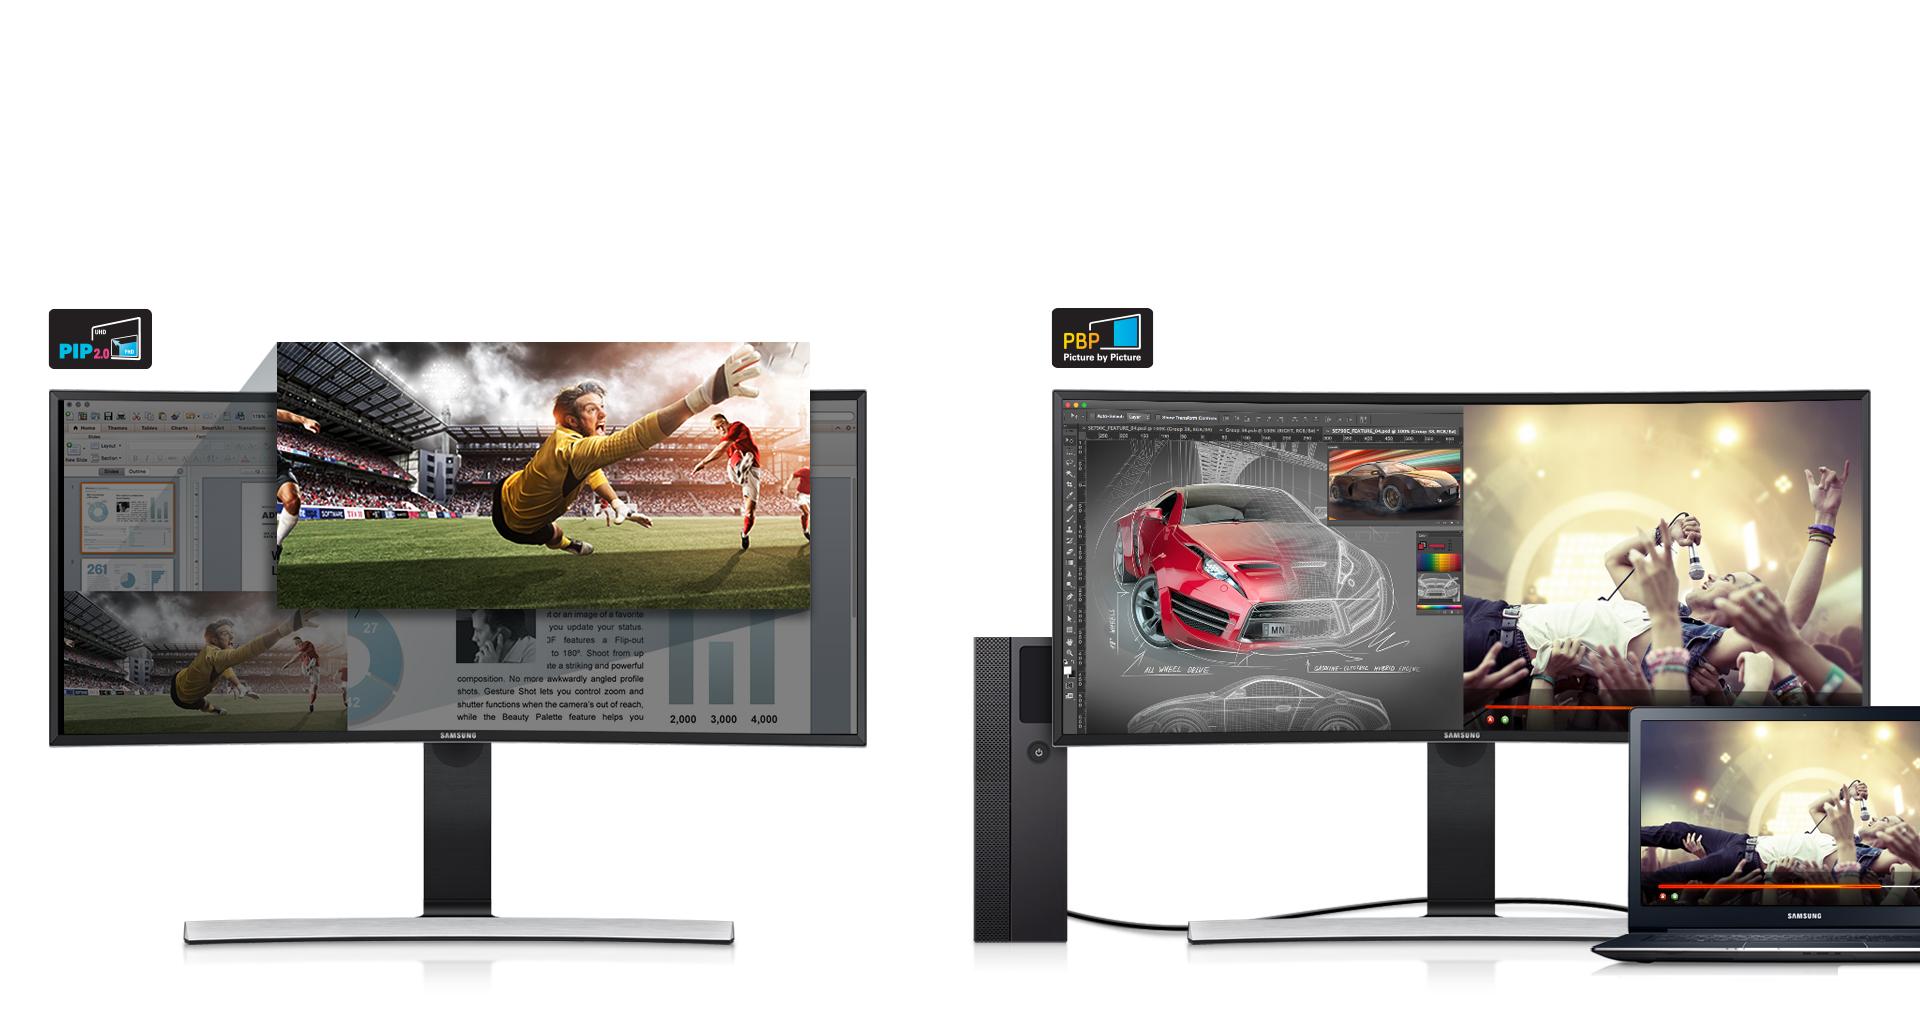 صفحه نمایش اولترا واید با قابلیت انجام چندین کار با سرعتی فوق العاده